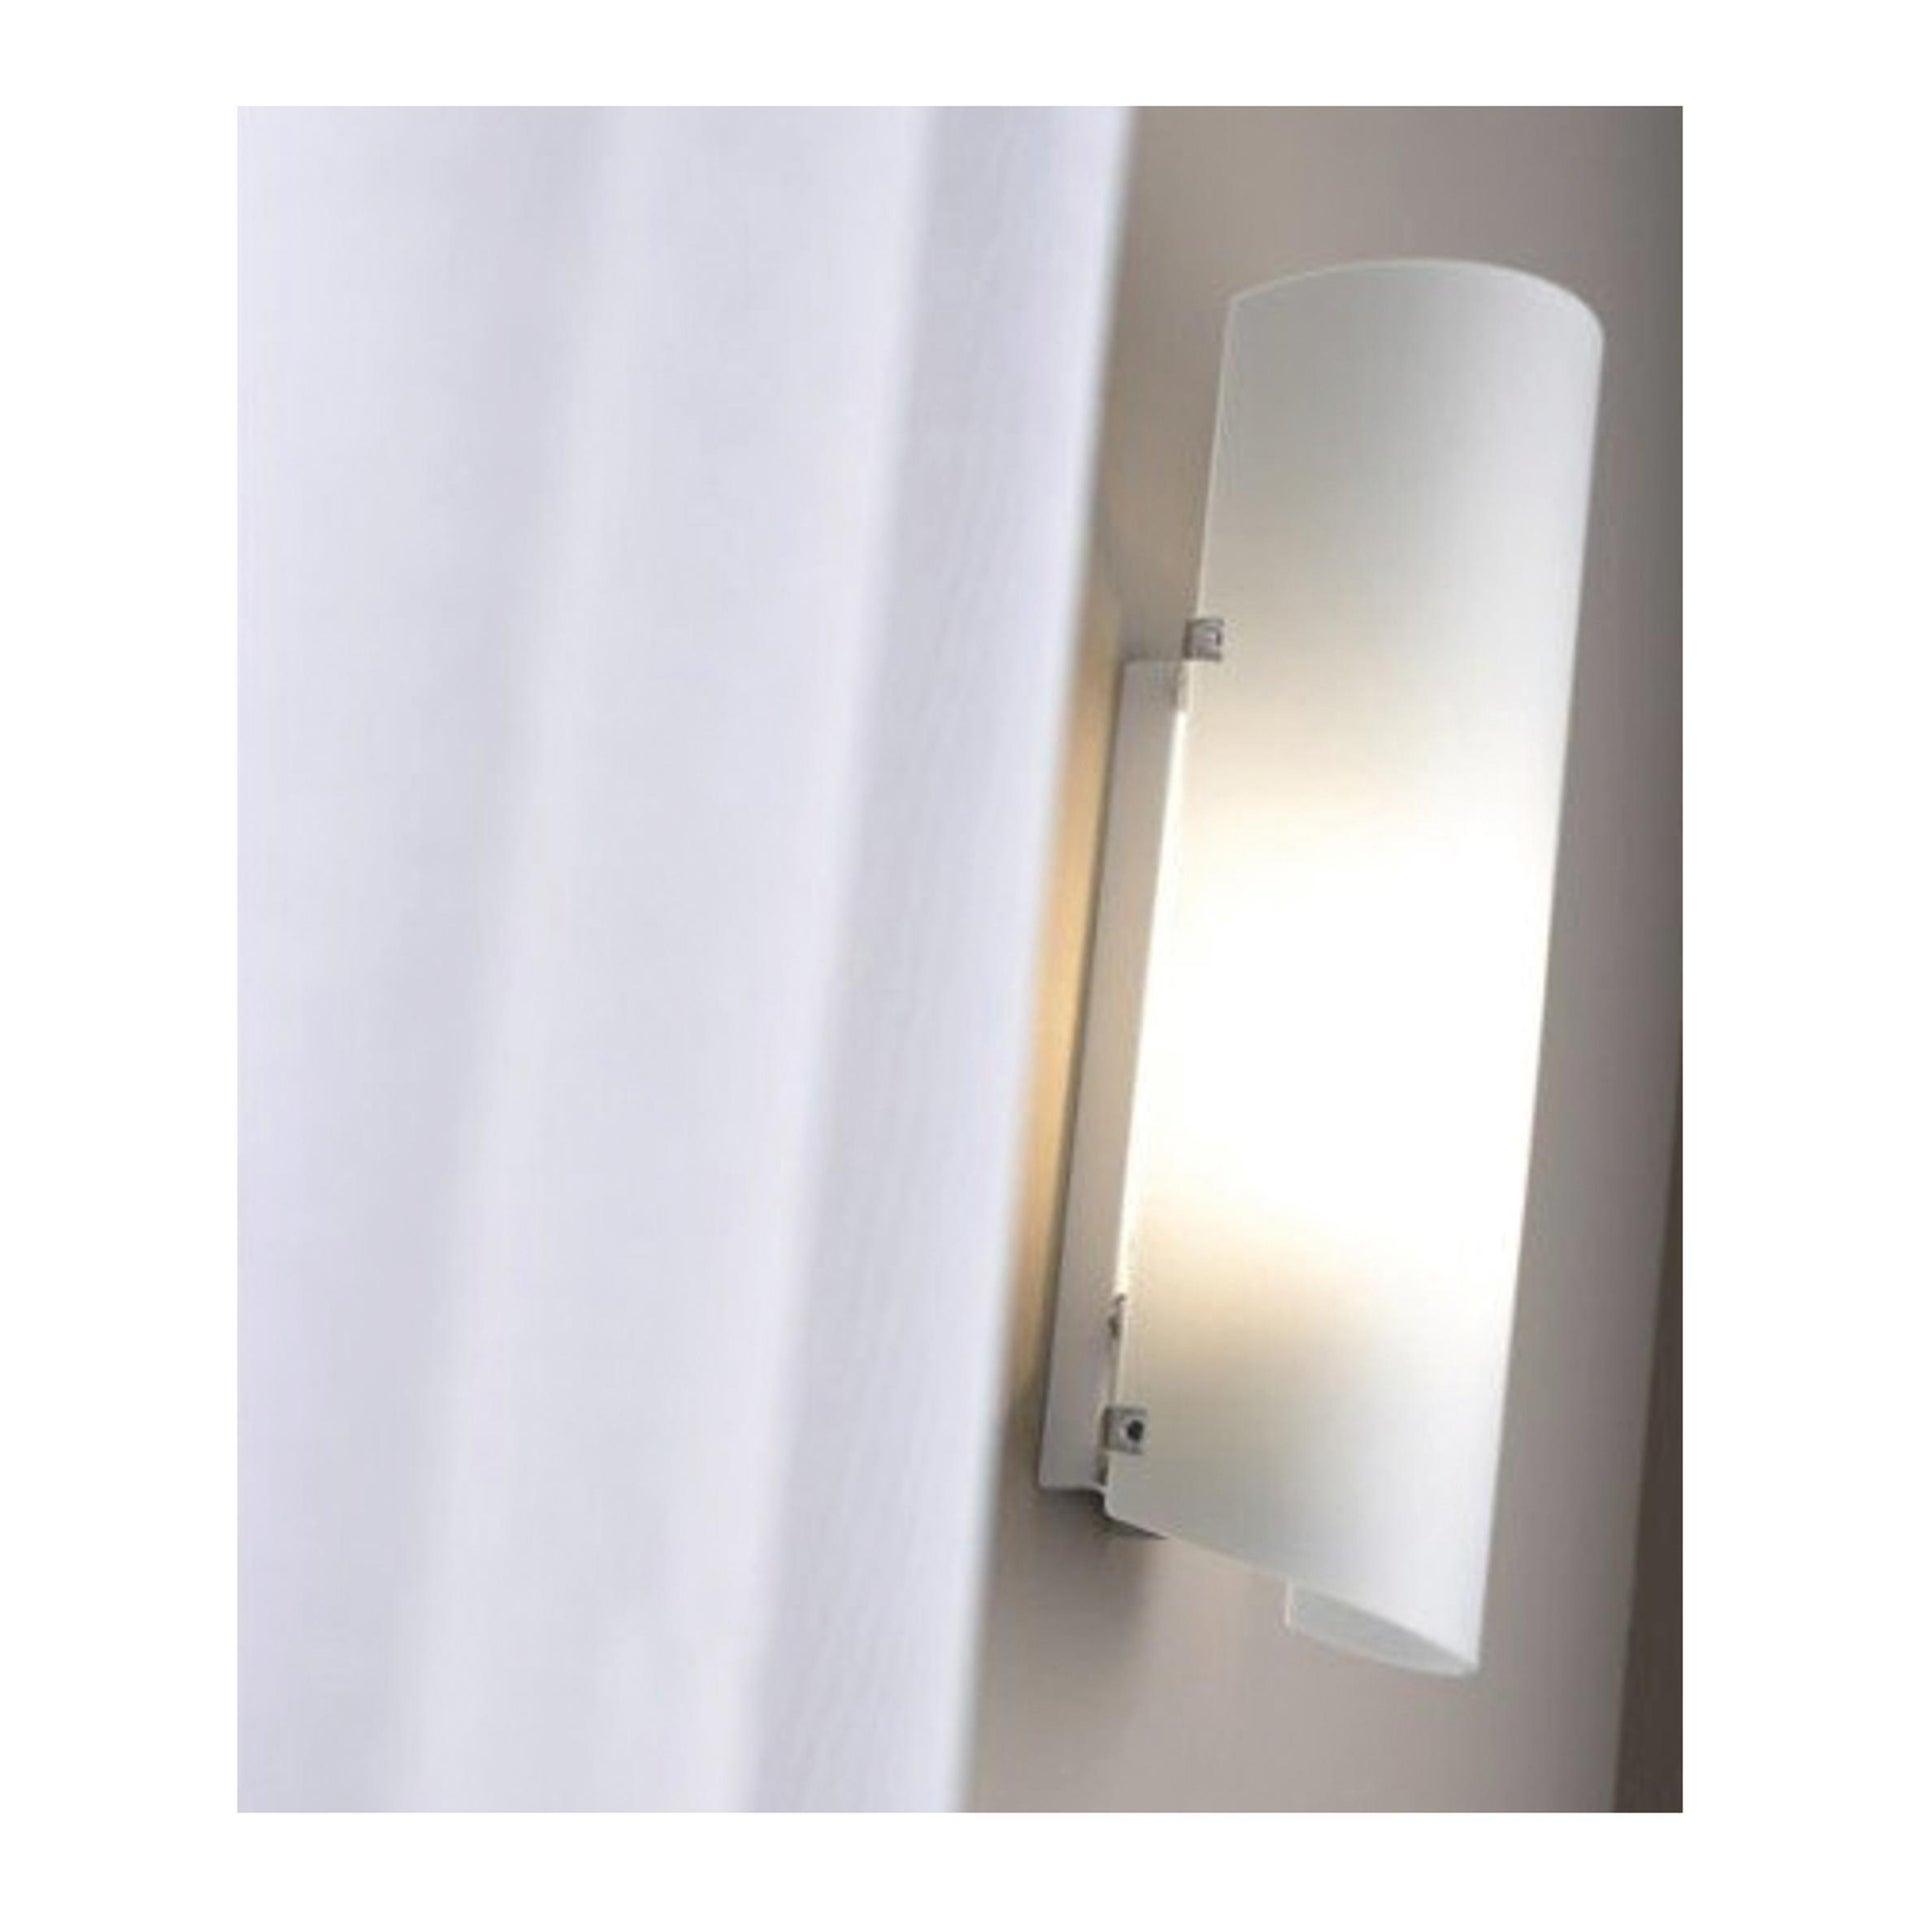 Applique classico Hanko bianco, in vetro, 26.0x10.5 cm, - 3